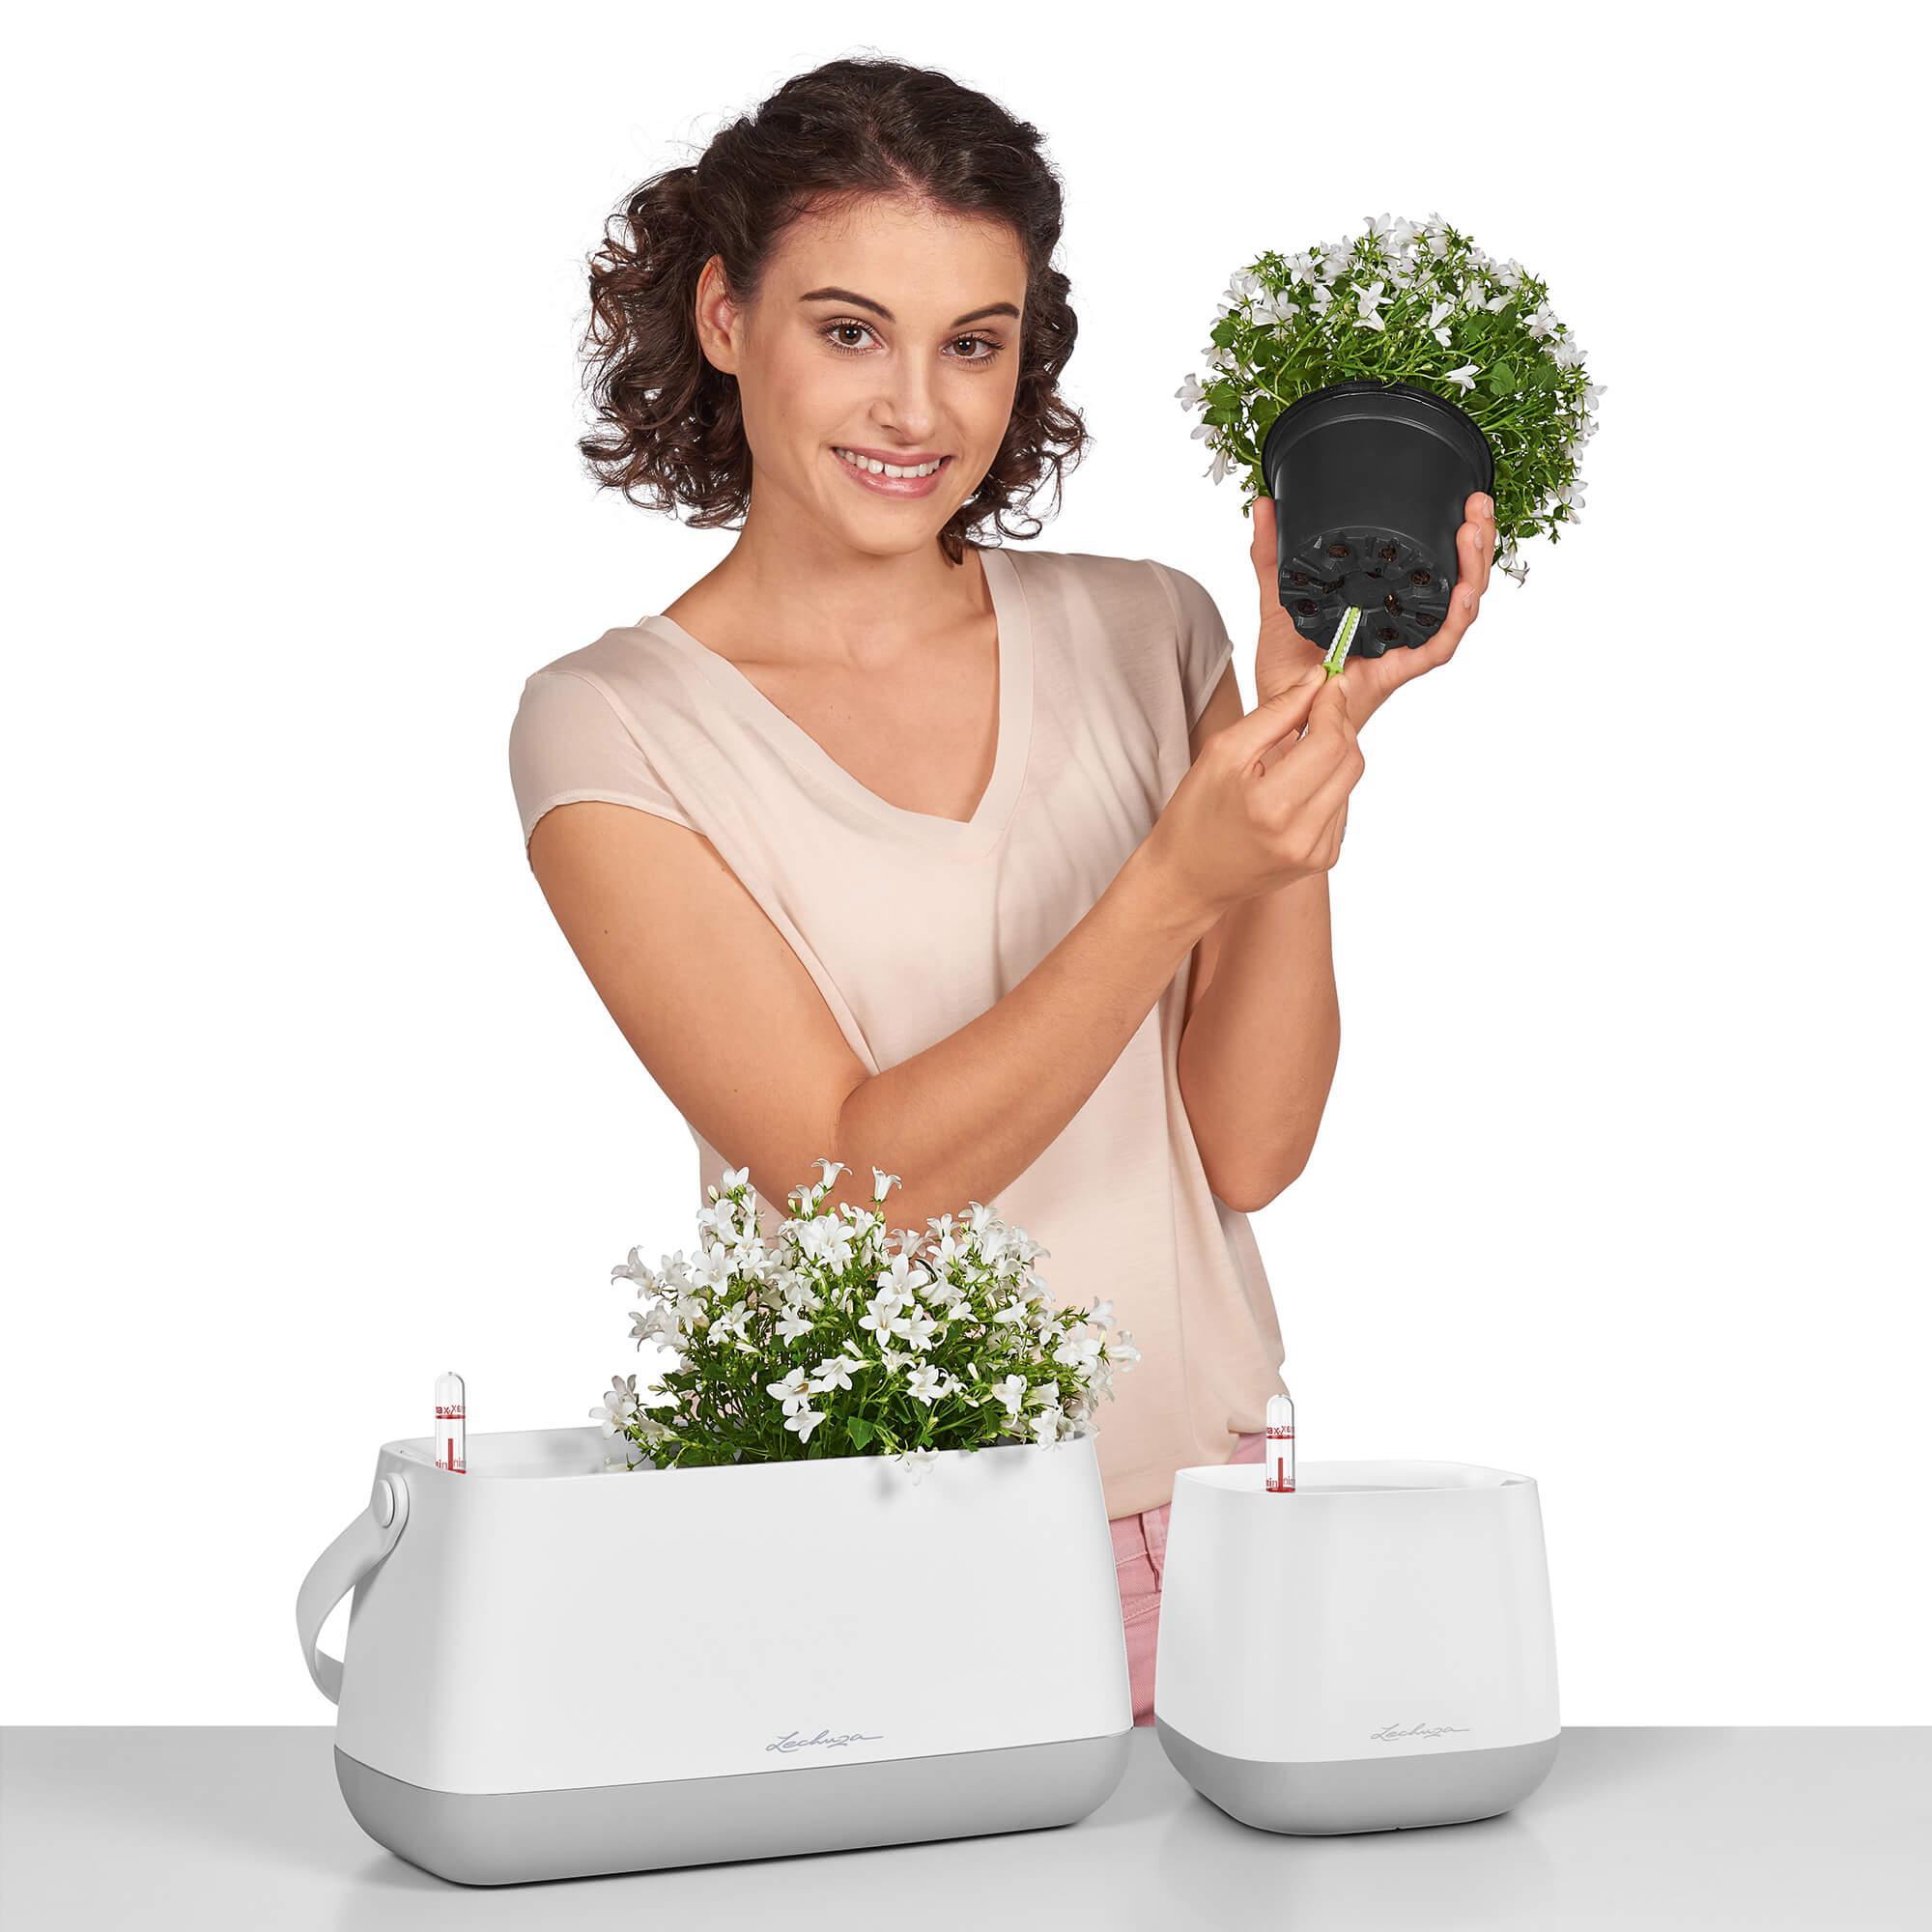 Корзинка для растений YULA белый/фисташковый - изображение 4